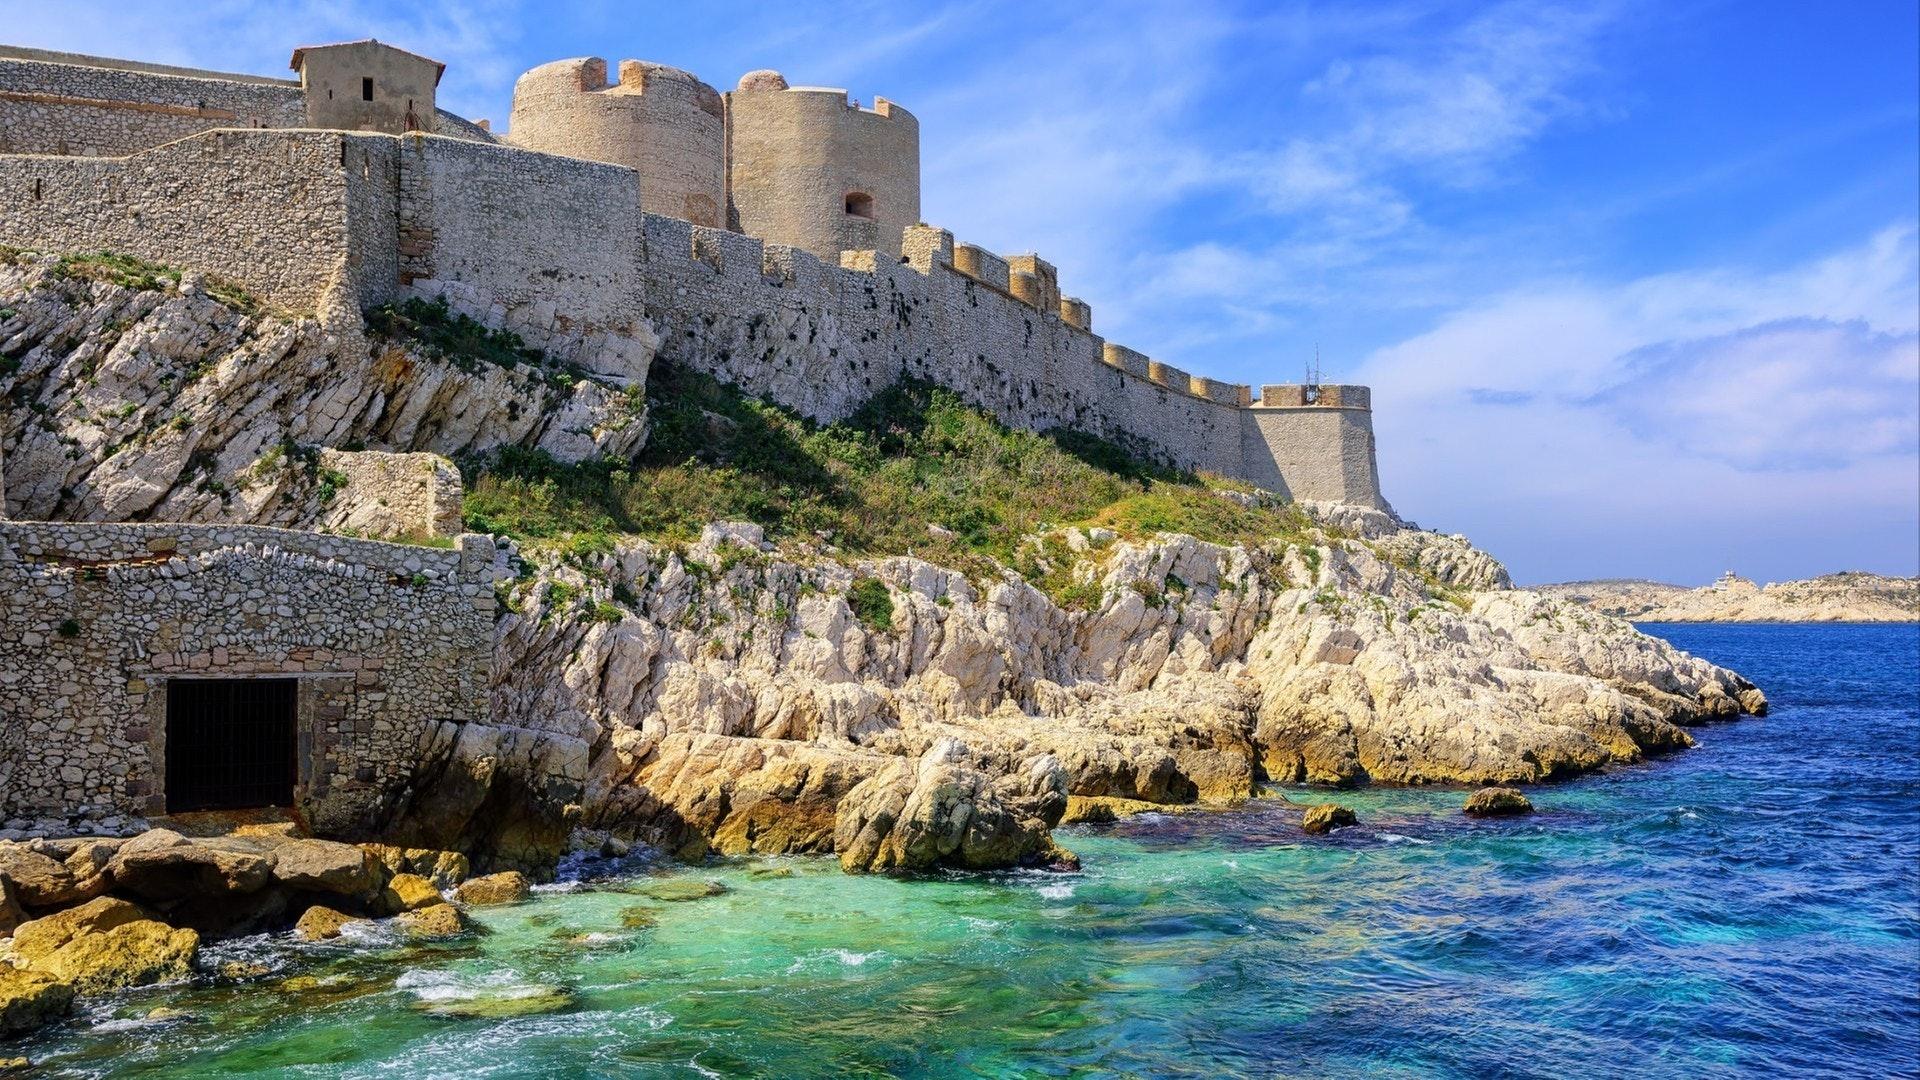 Замок Chateau d'If на острове в Марселе, Франция